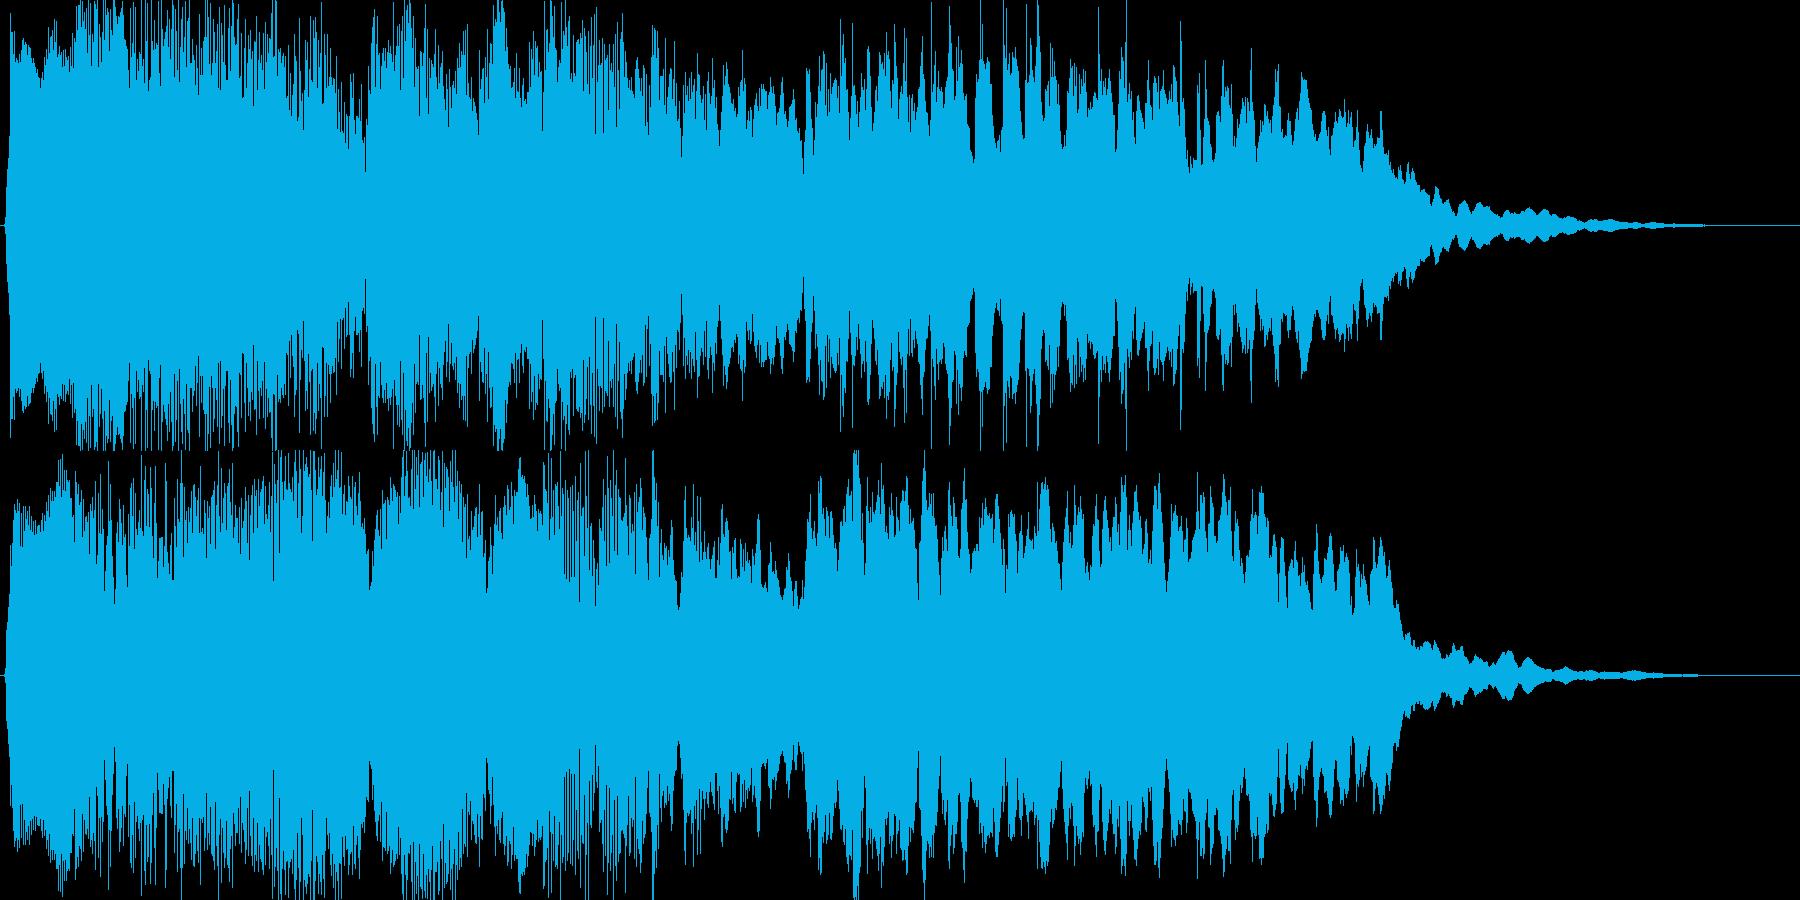 幽玄イメージの和風・オリエンタルジングルの再生済みの波形